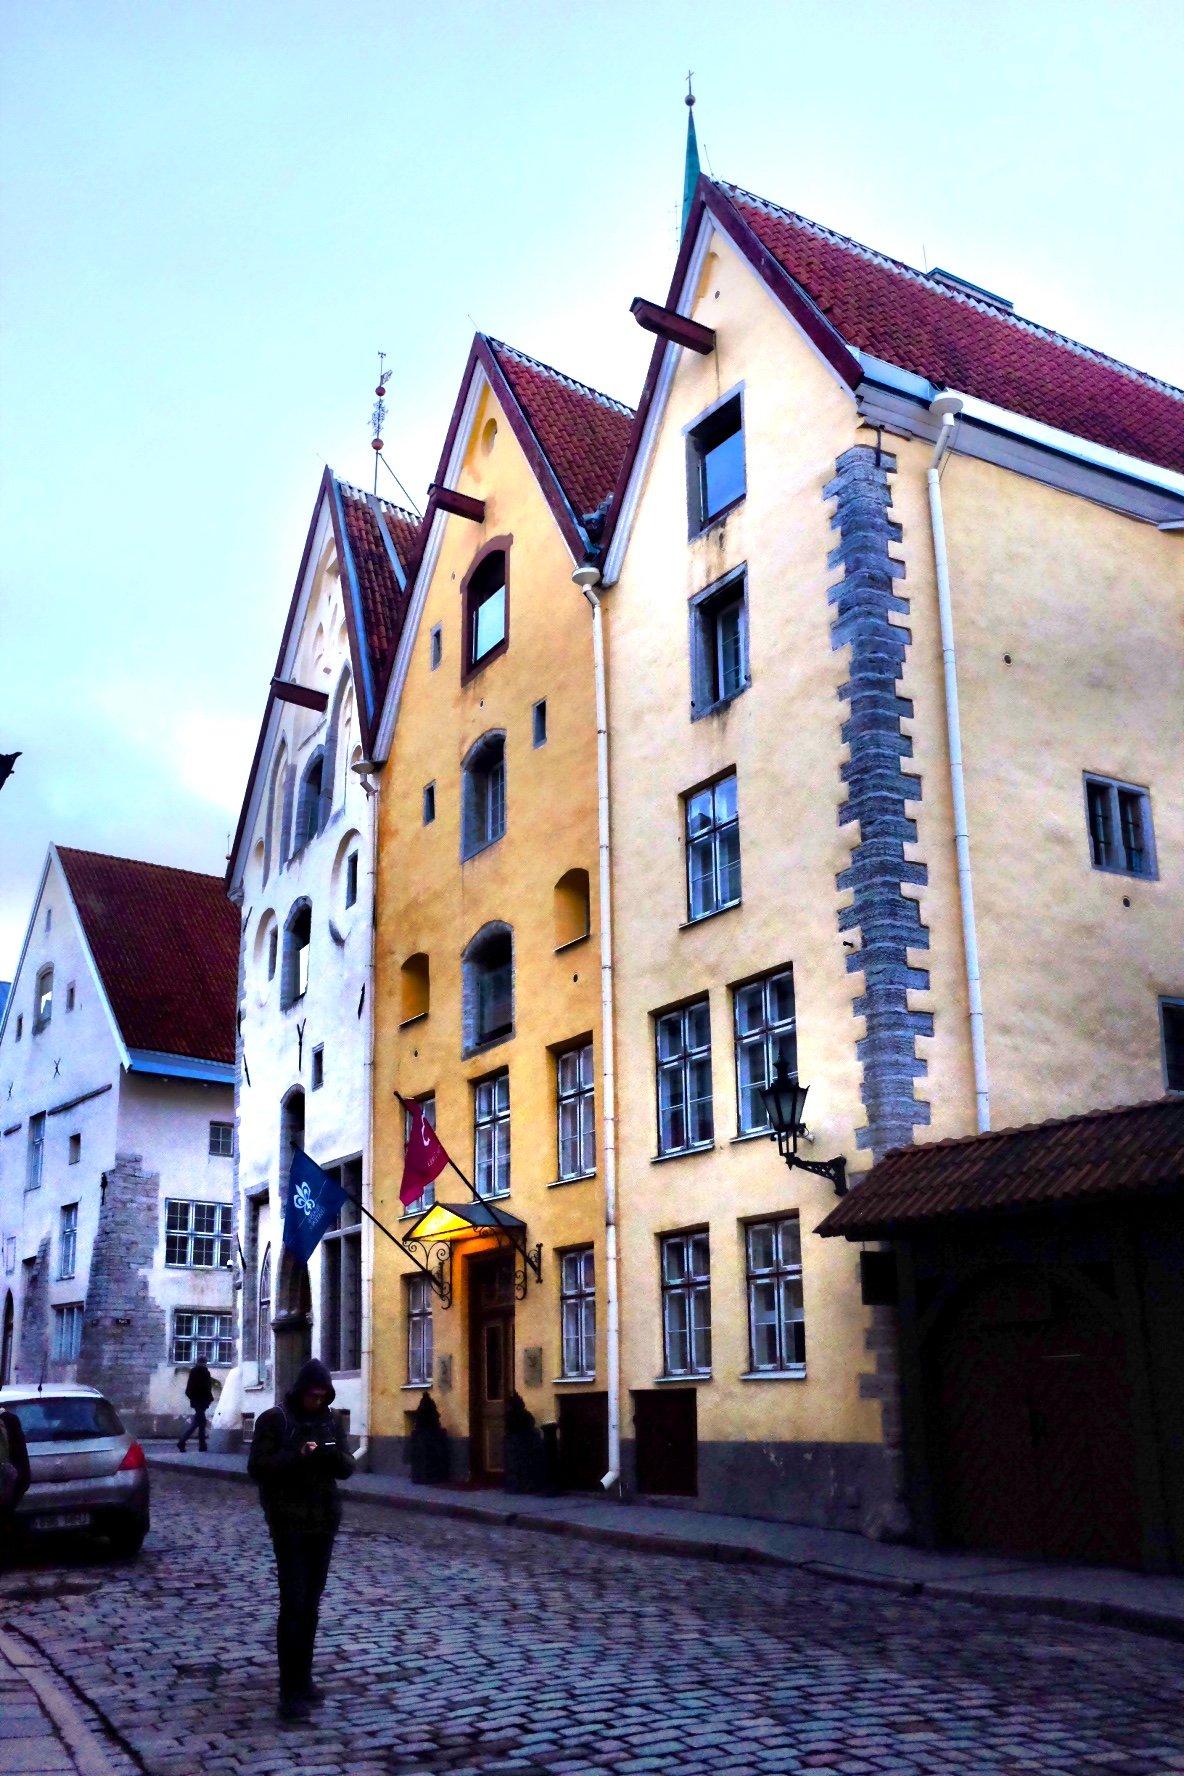 Three Sisters Hotel in Tallinn